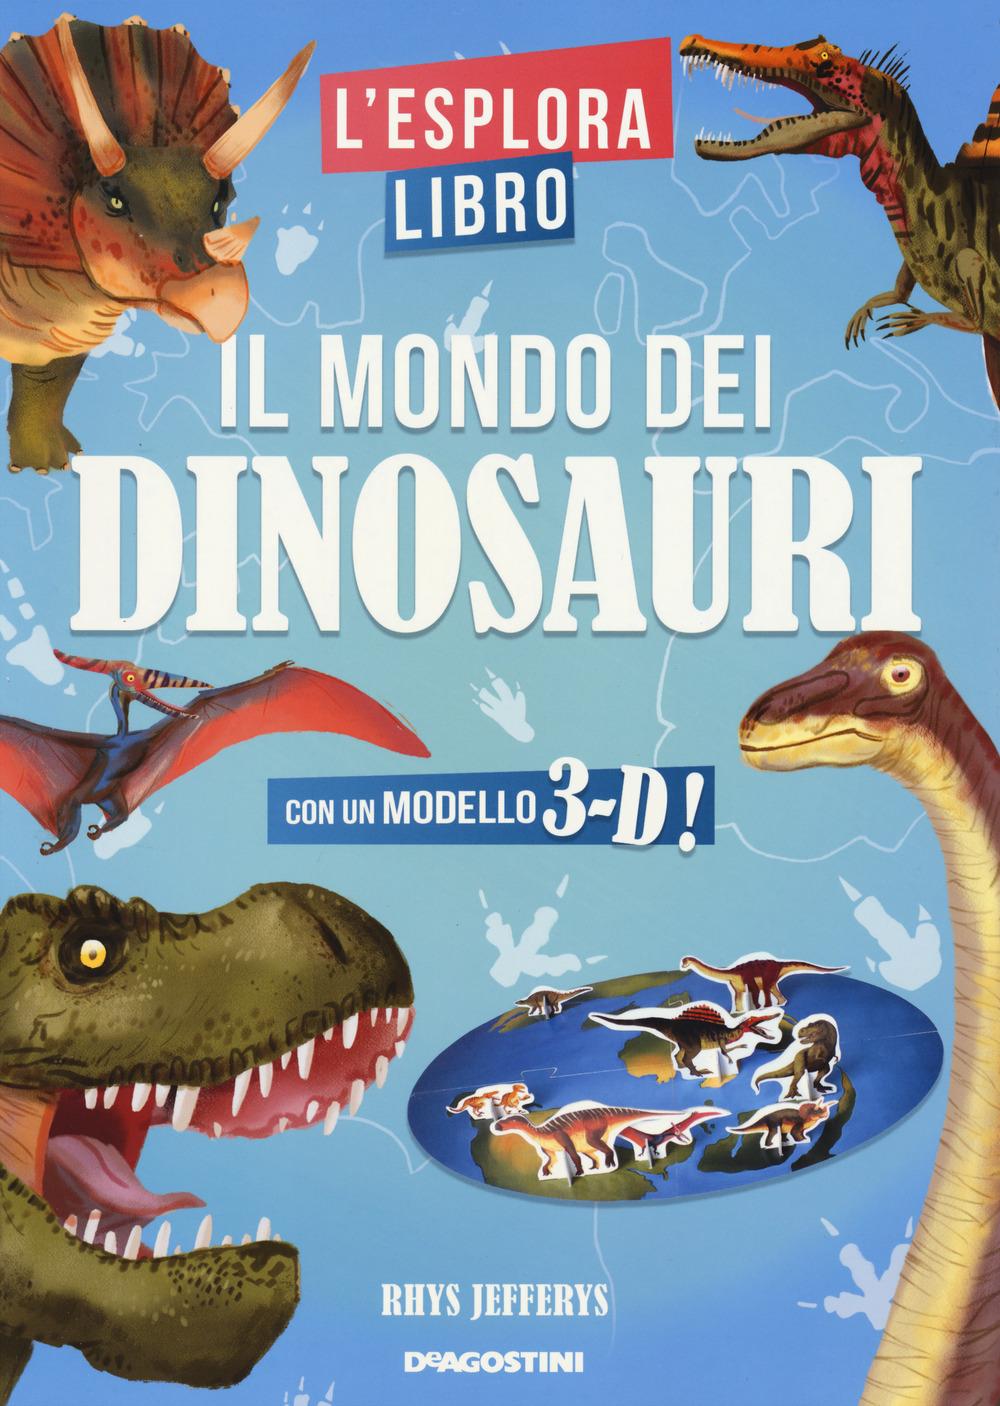 Il mondo dei dinosauri. L'esploralibro. Ediz. a colori